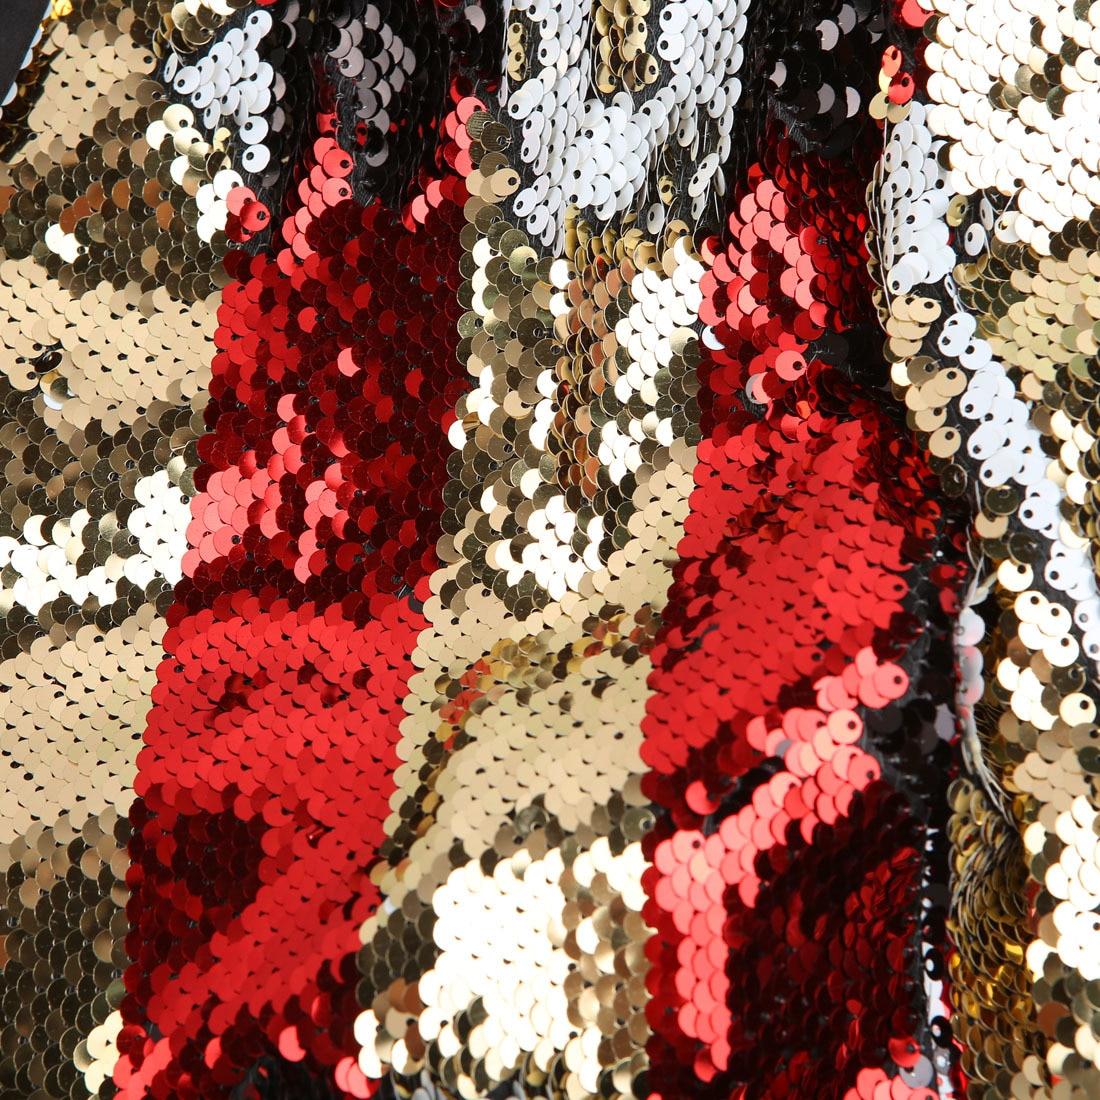 PYJTRL Neue Männer doppelseitige Bunte Streifen Rot Gold Weiß Schwarz Pailletten Blazer Design DJ Sänger Anzug Jacke Mode outfit - 4